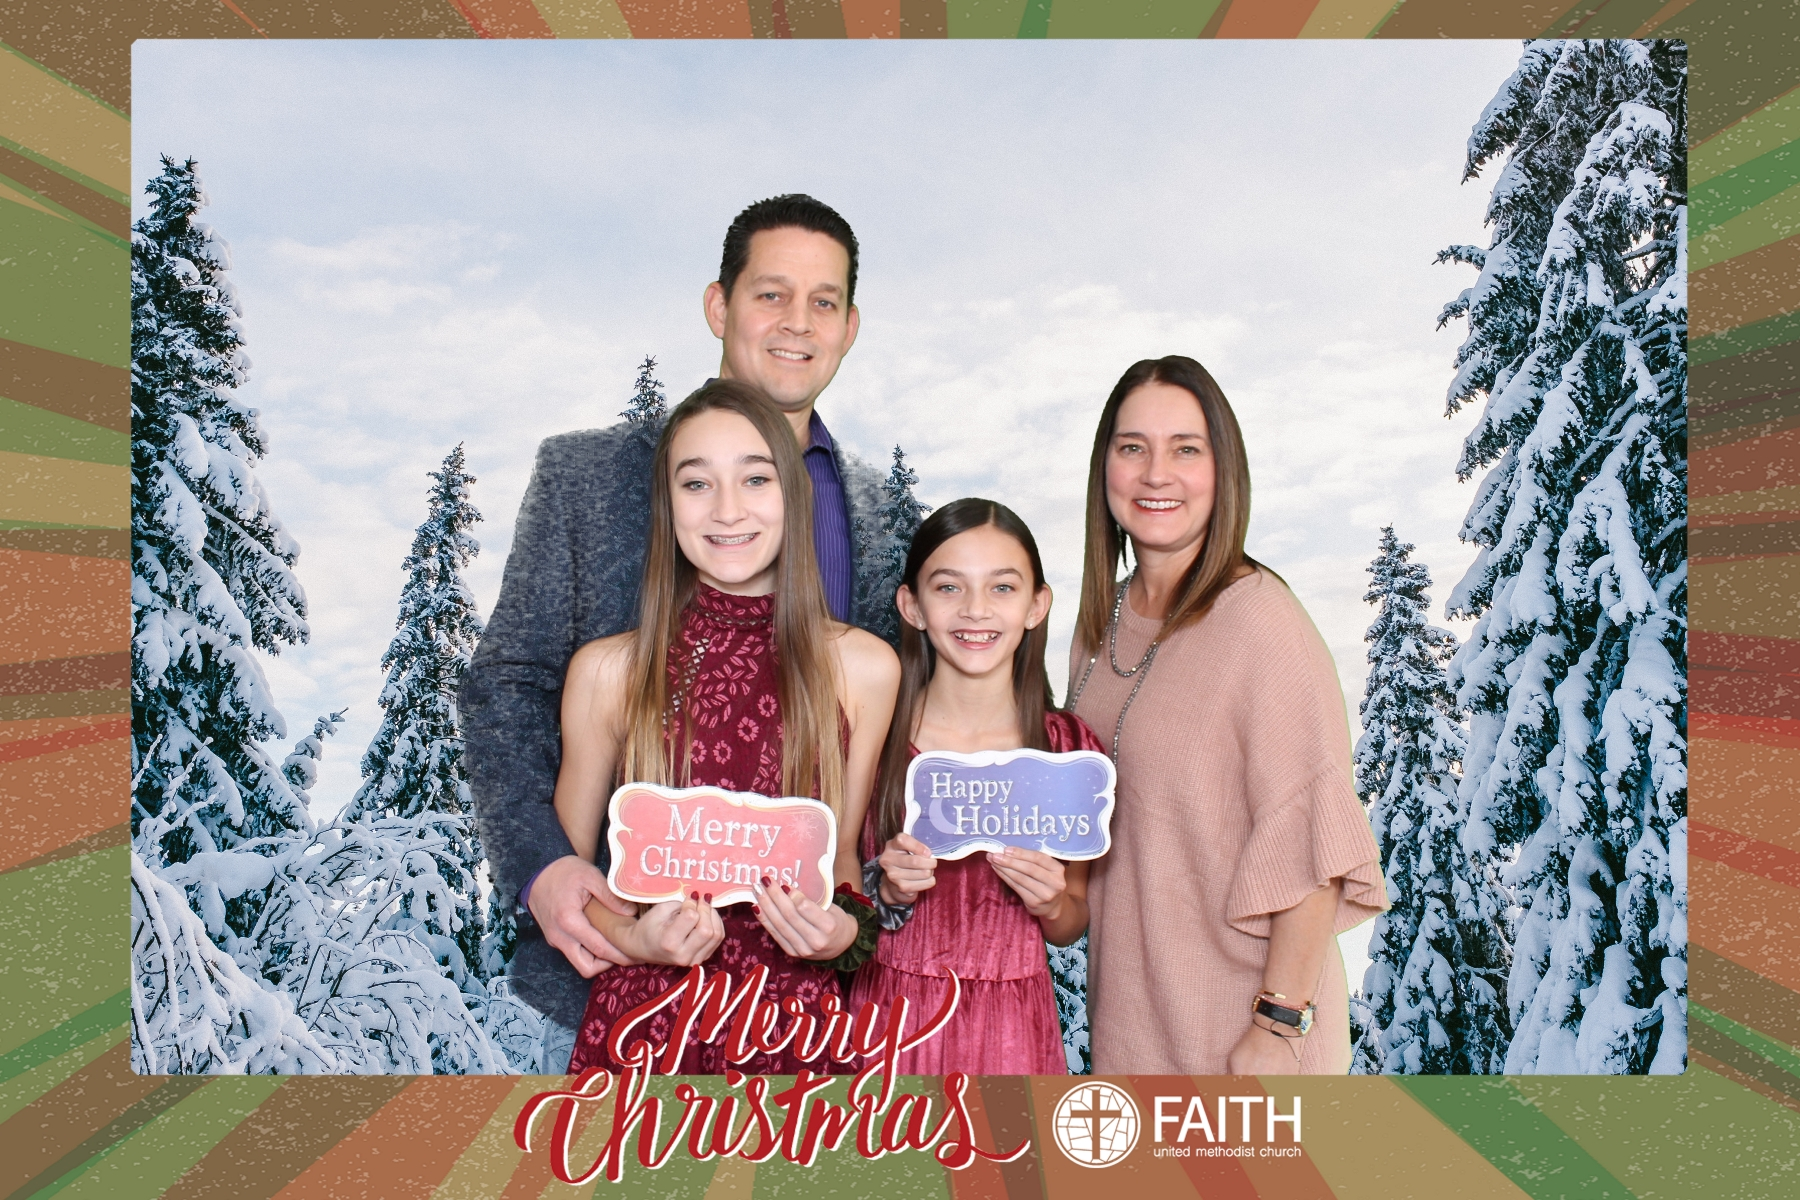 Faith2018_2018-12-24_15-36-02.jpg